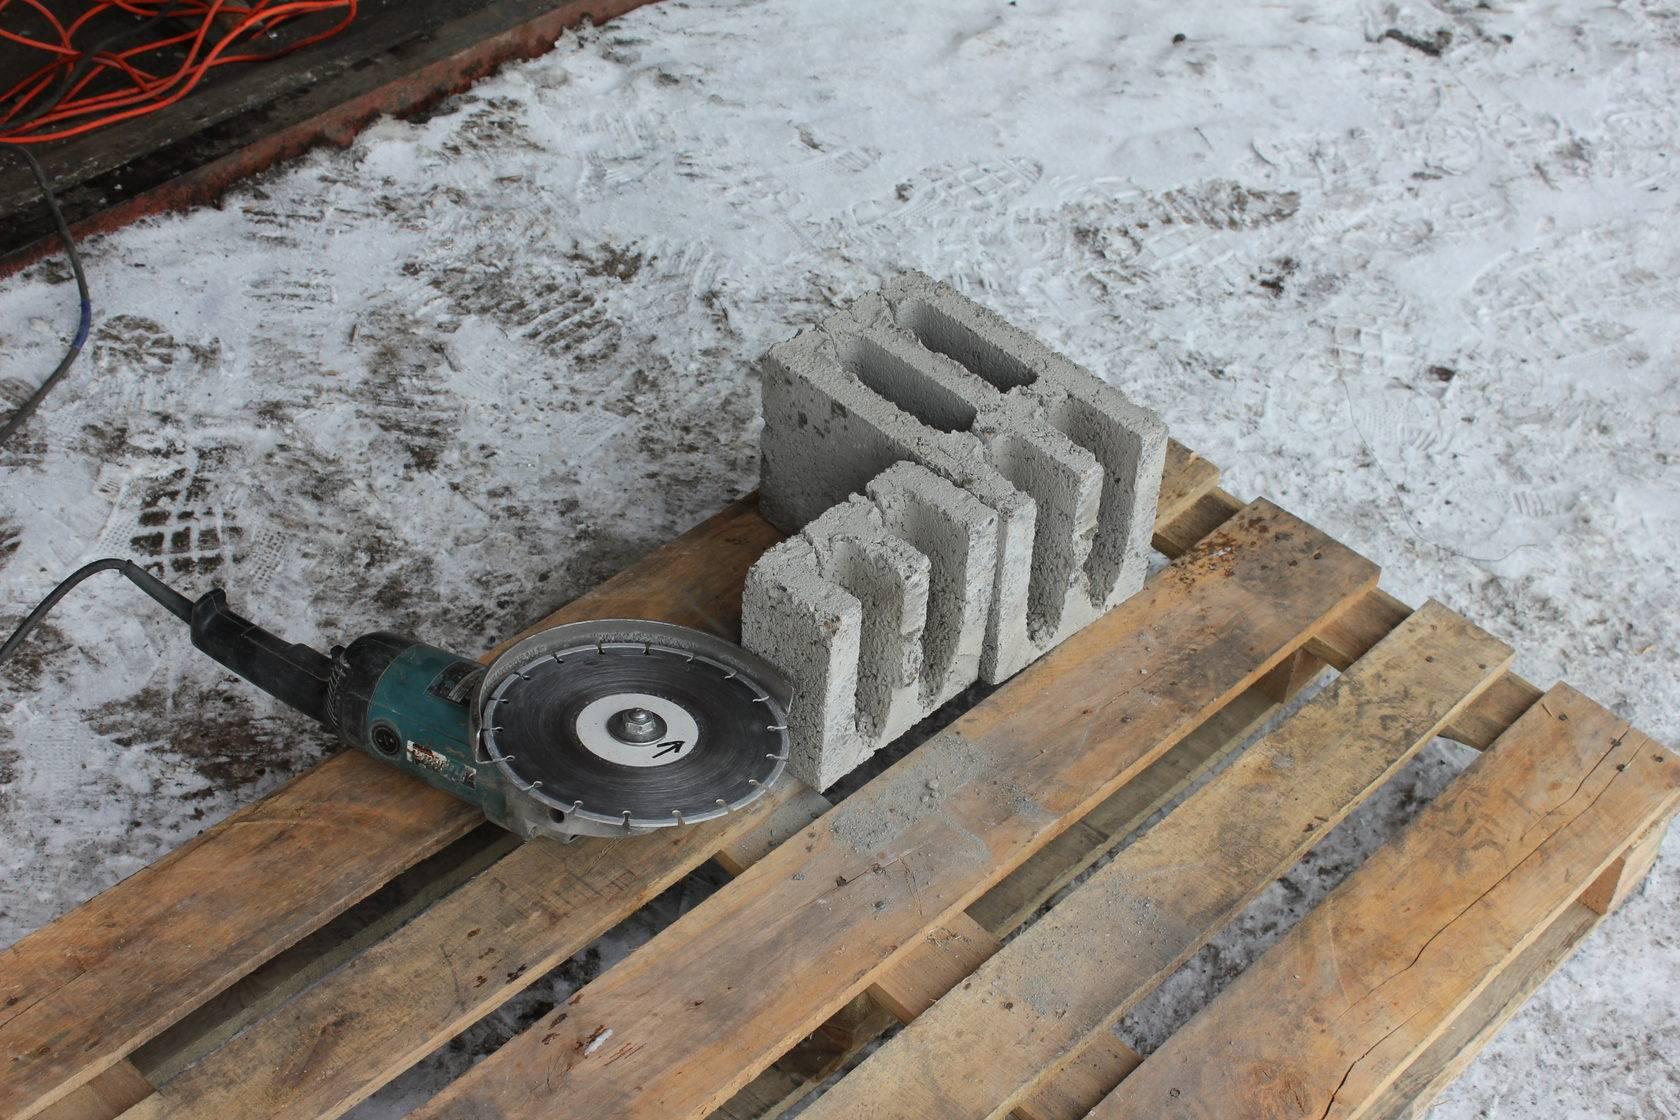 Чем пилить газобетонные блоки: ножовка, сабельная пила с полотном по газобетону, электропила